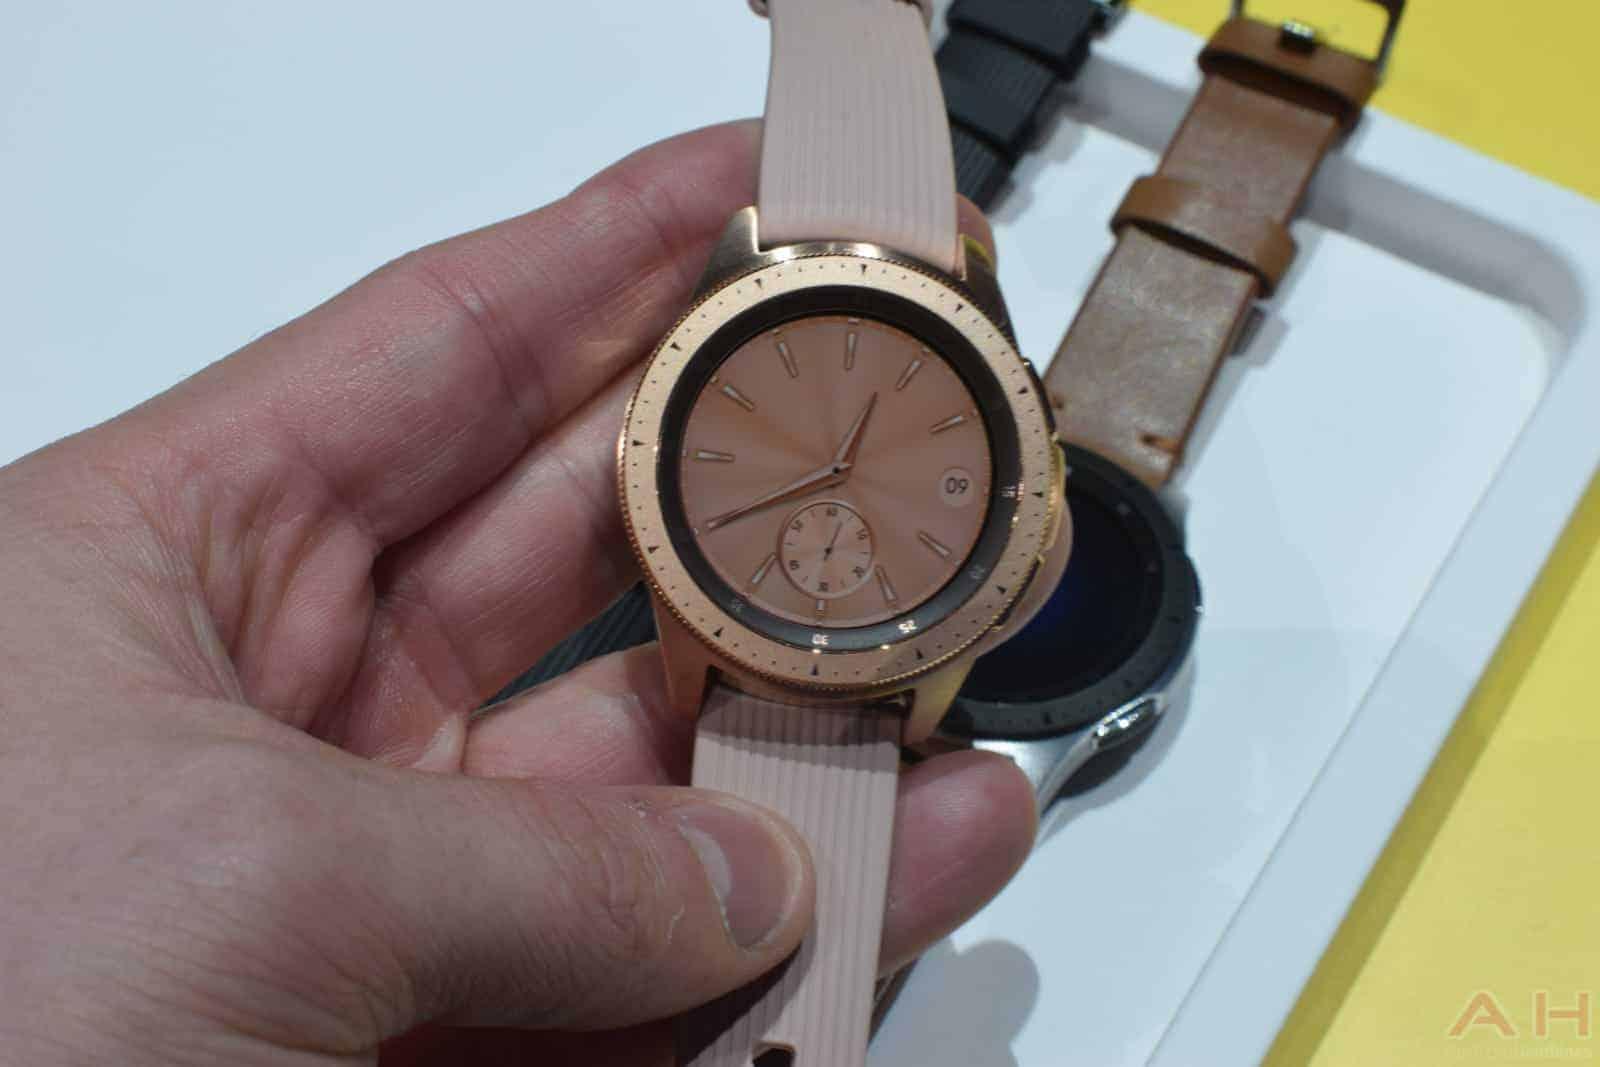 Samsung Galaxy Watch AM AH 7